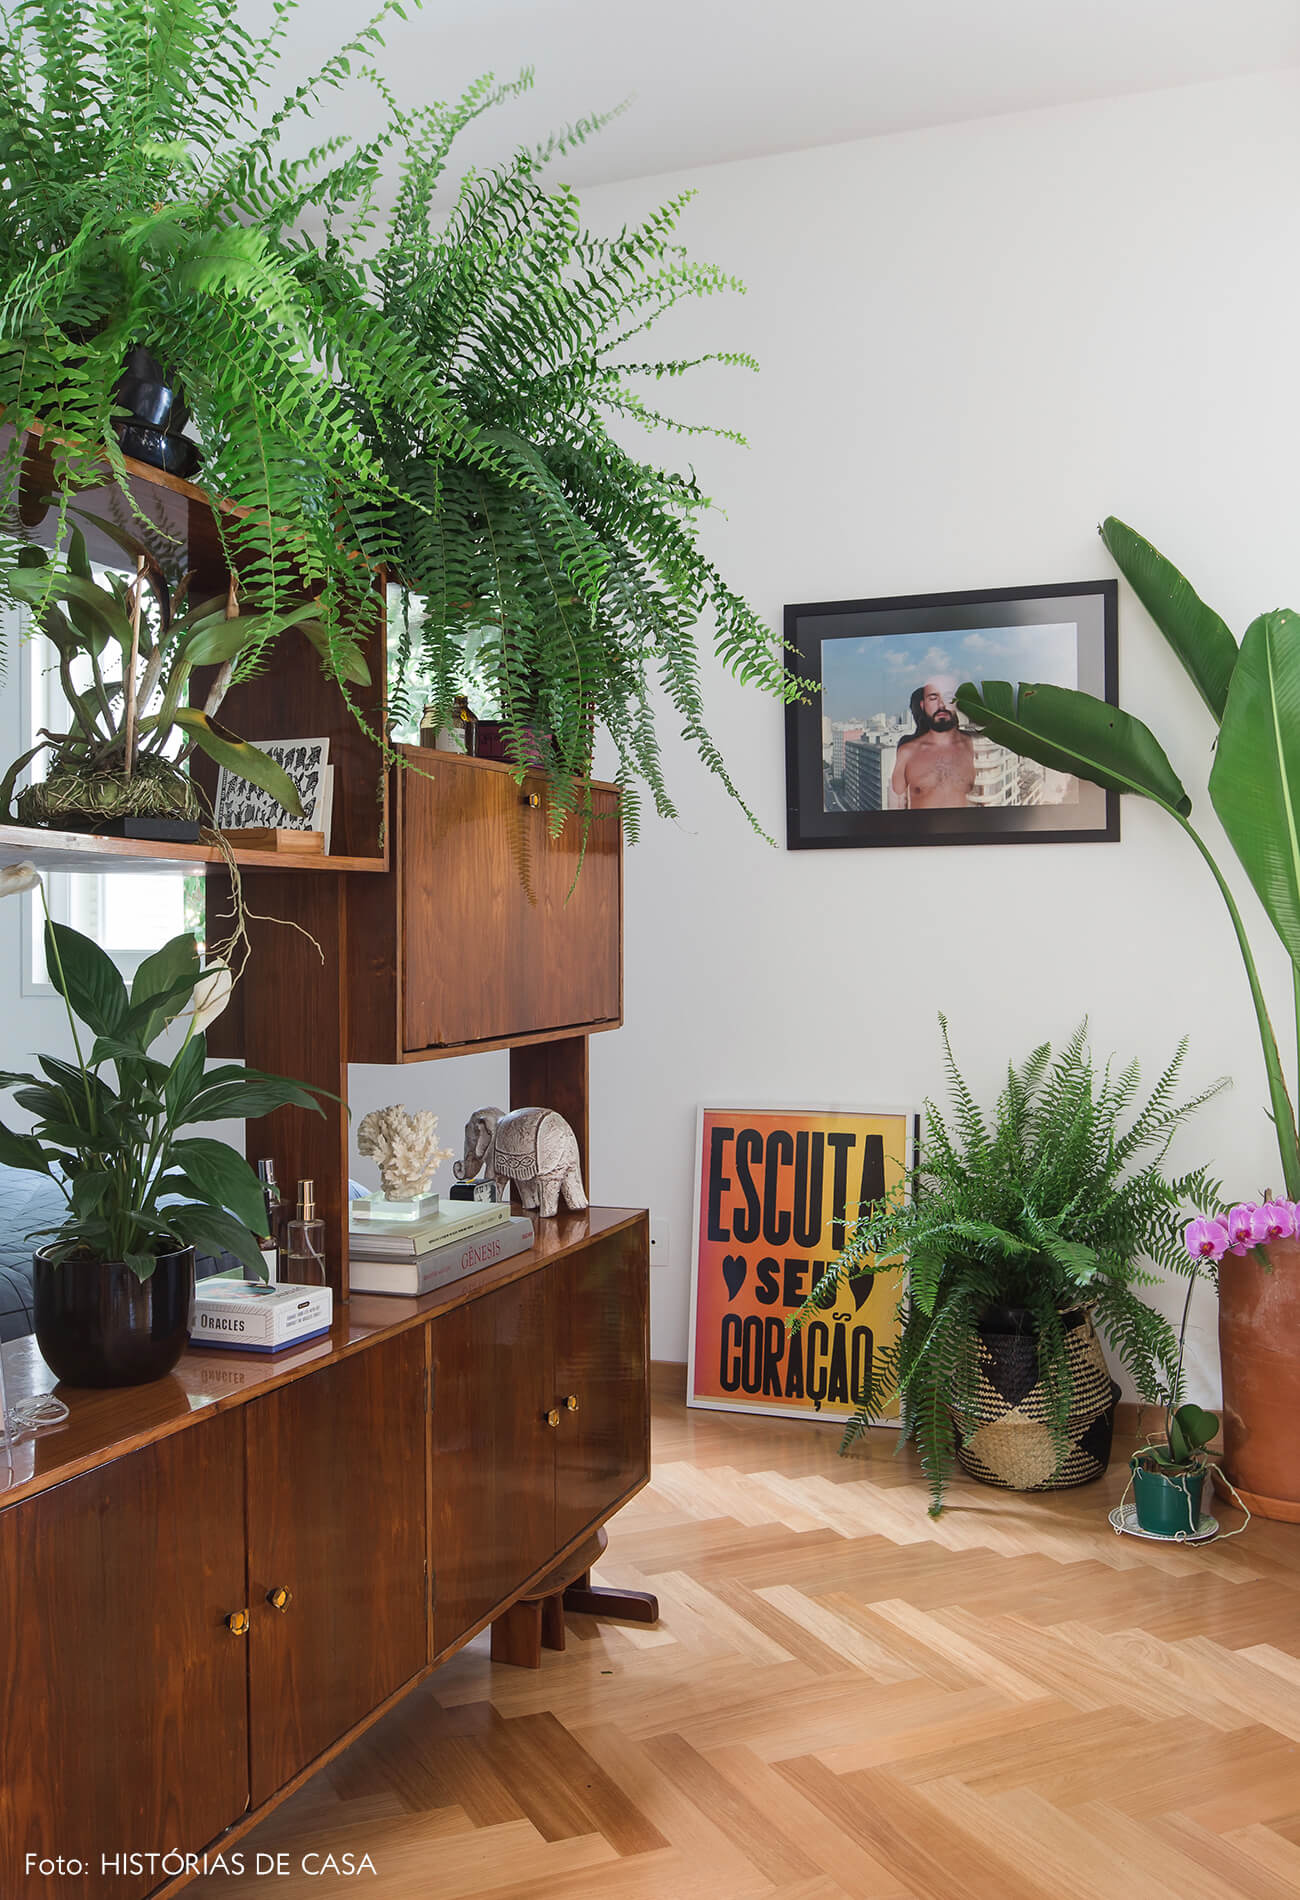 Apartamento integrado com estante vintage servindo como divisória e muitas plantas